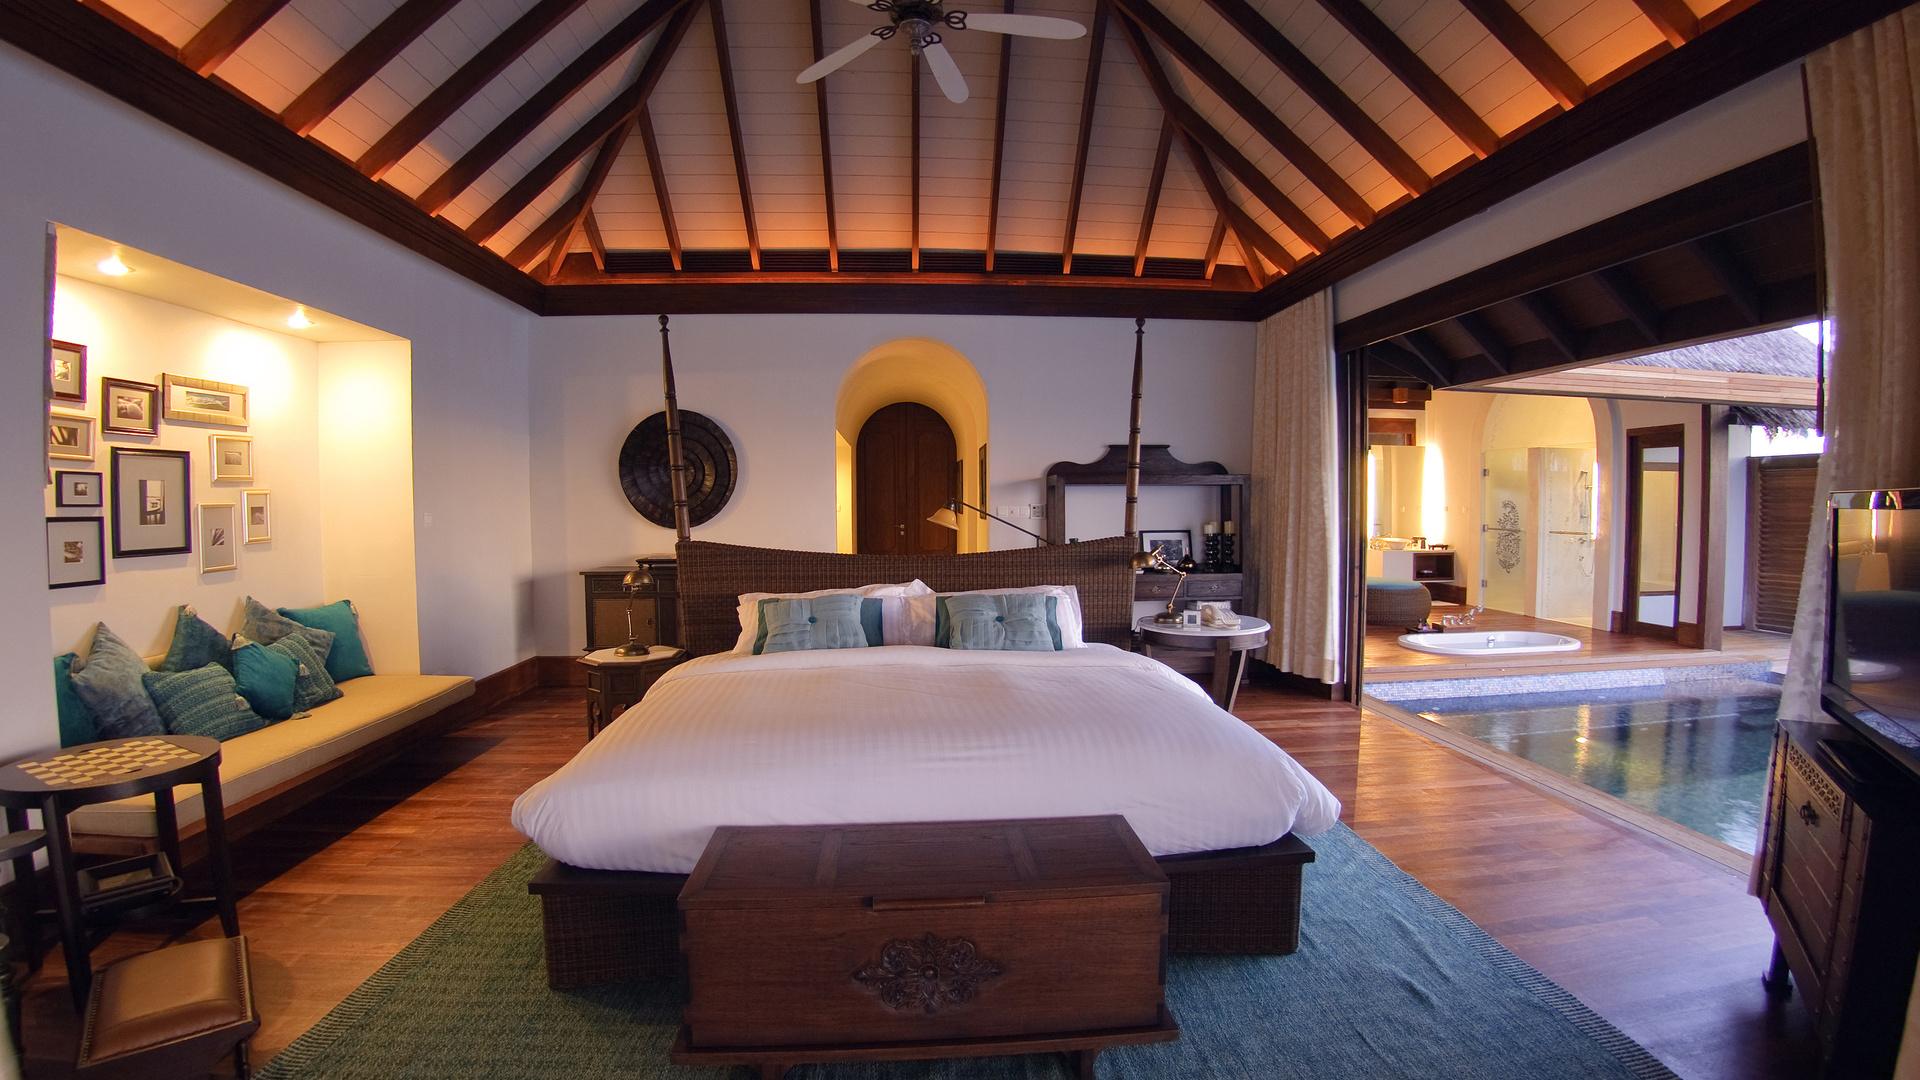 Отель на Мальдивах с бассейном обои скачать